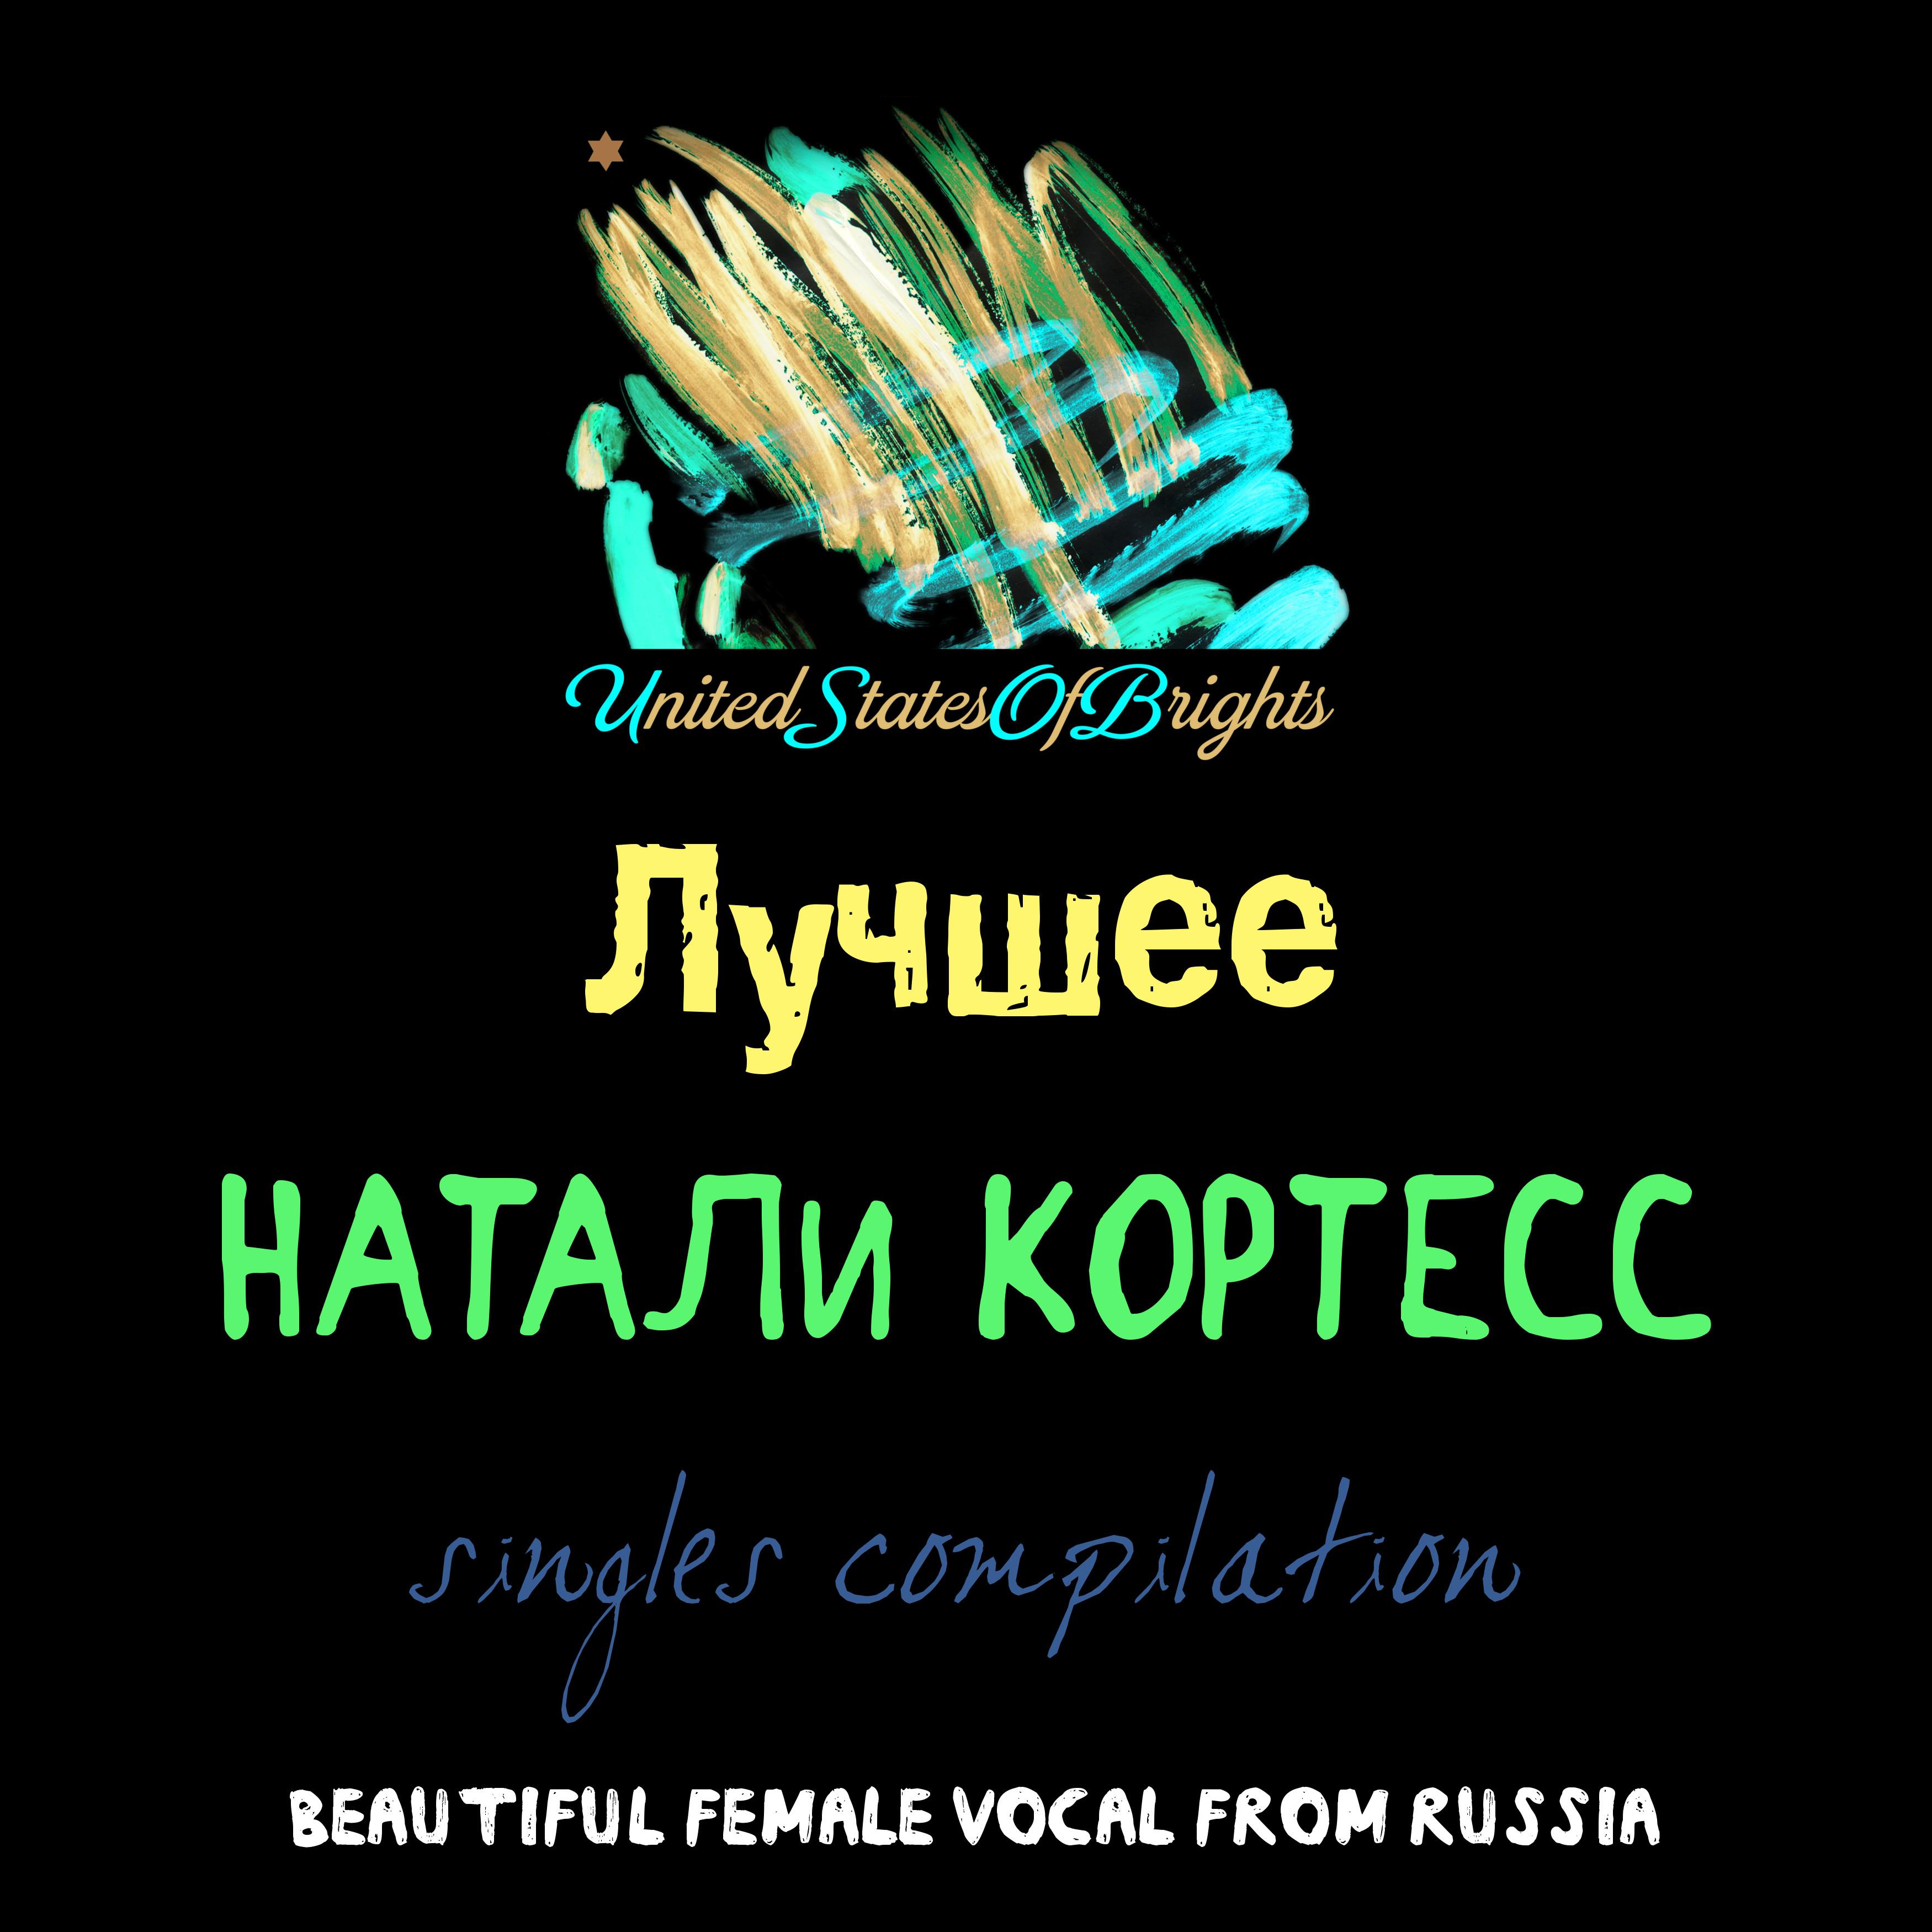 Натали Кортесс feat. al l bo & Andres NekrassoV - Красота ()